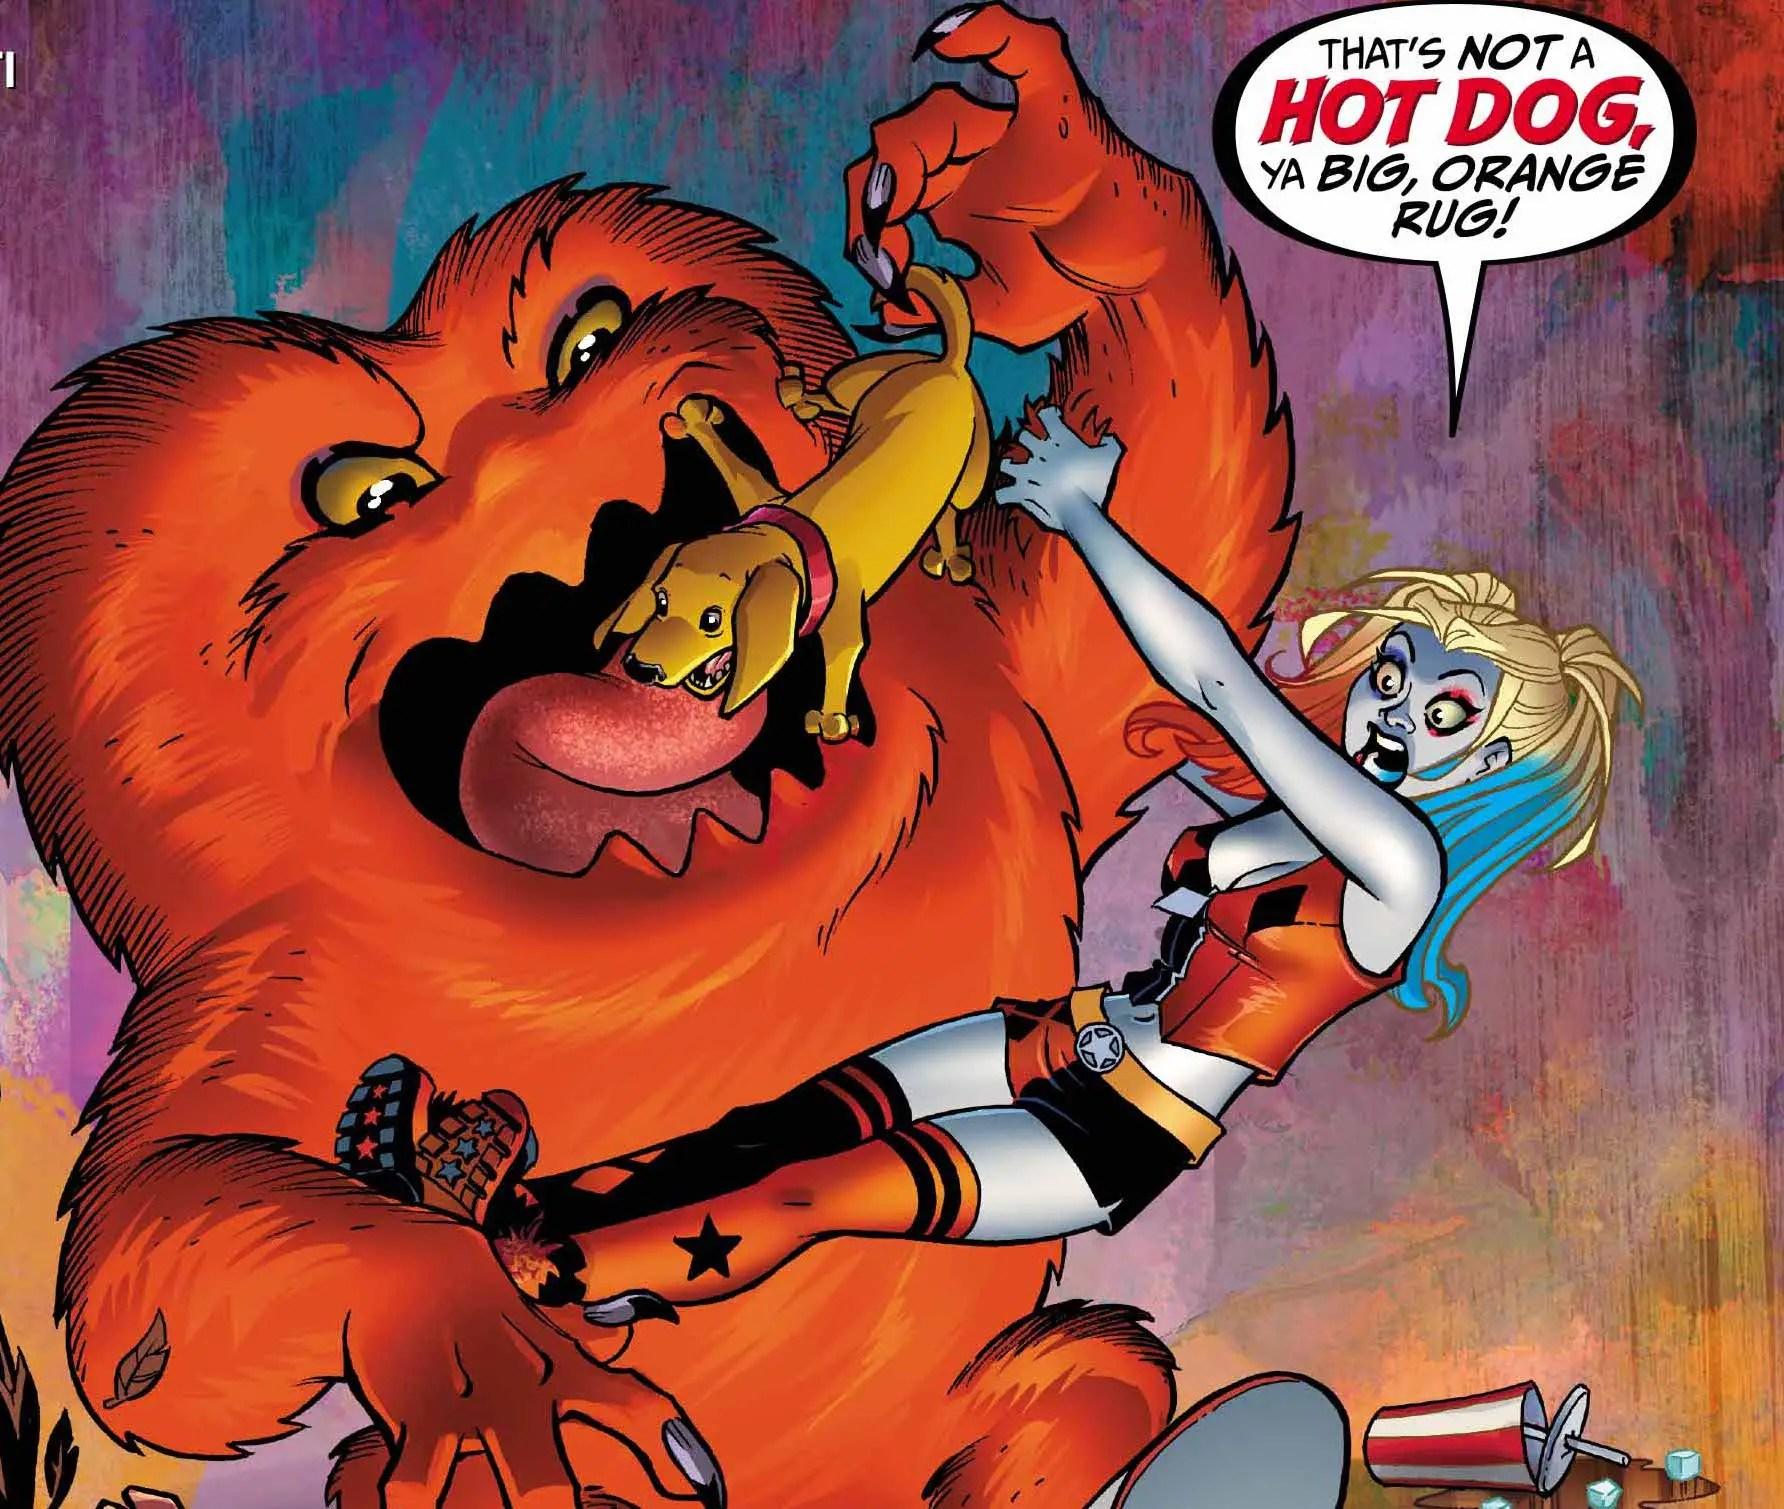 Harley Quinn/Gossamer #1 Review